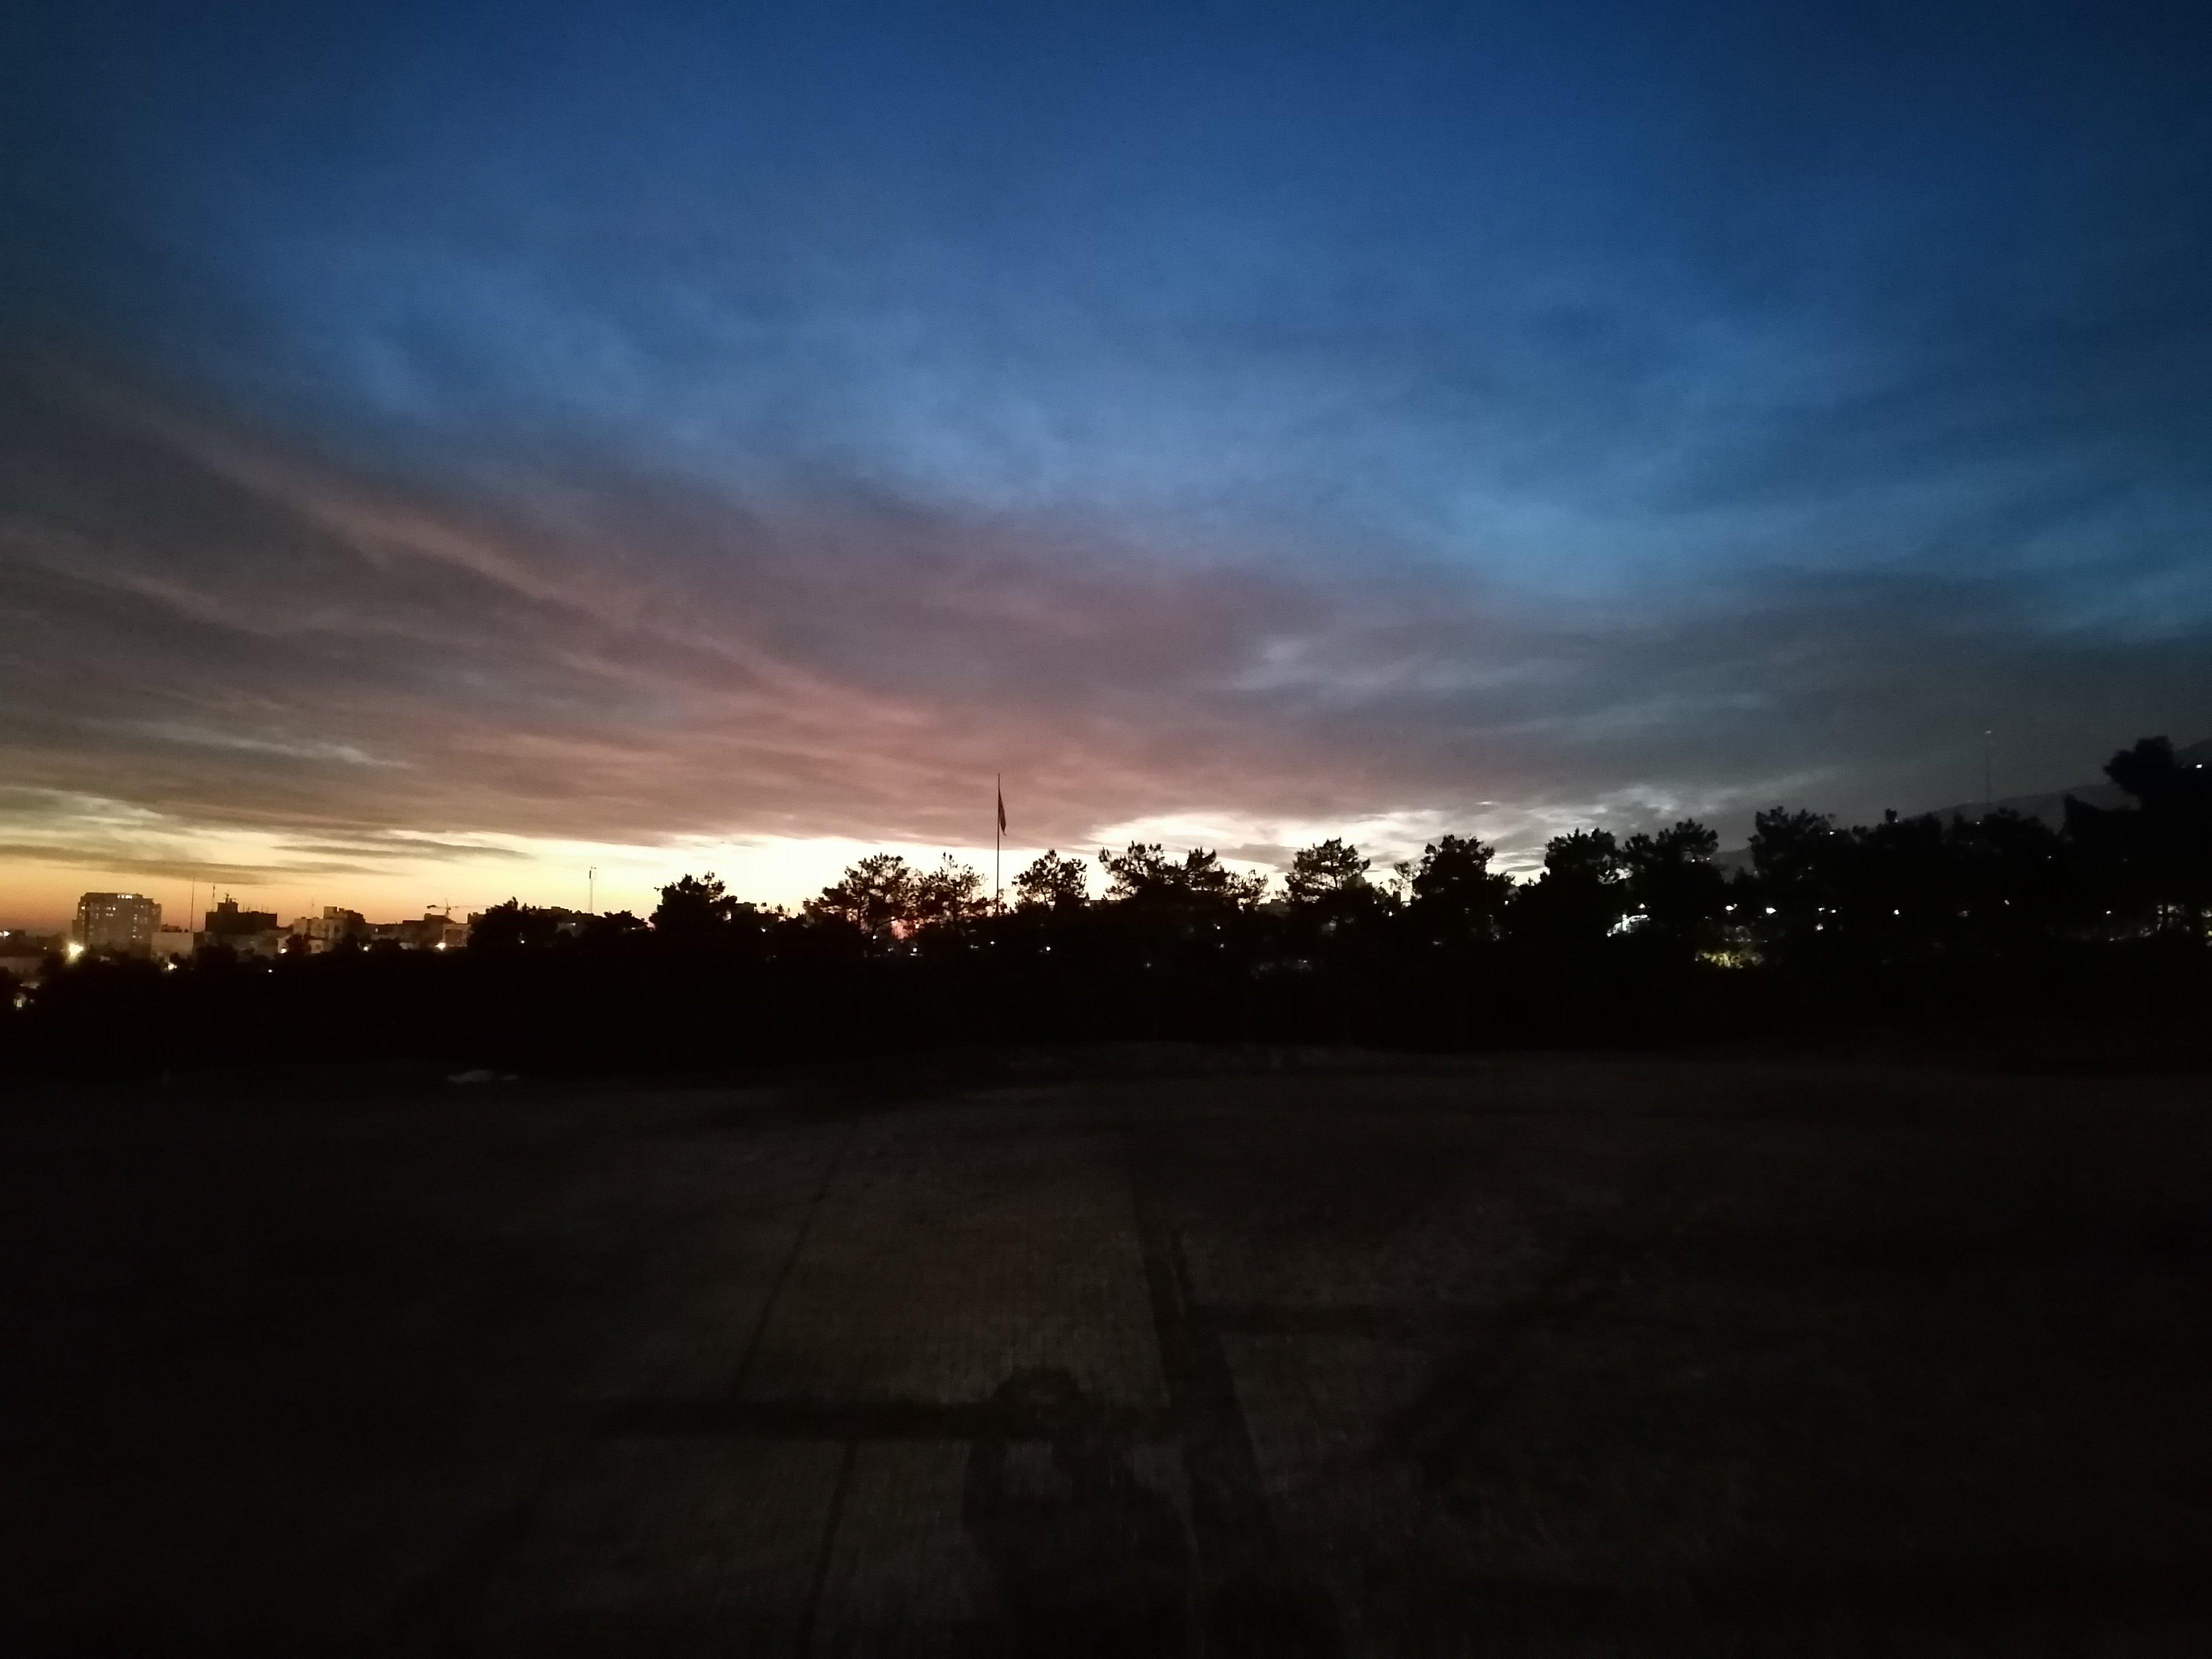 بررسی دوربین هواوی Y9s